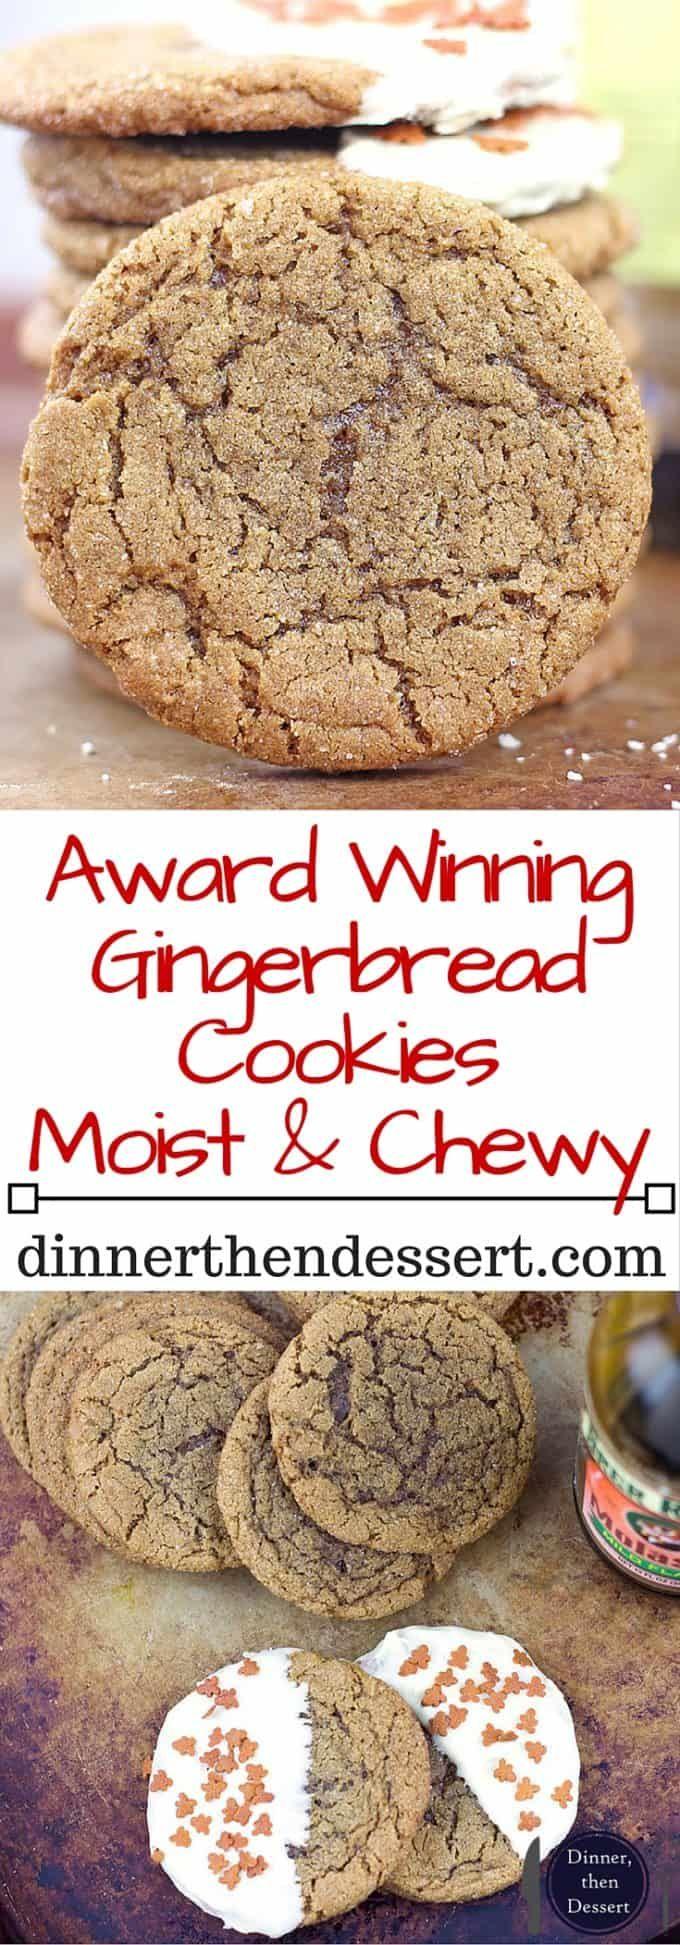 Award Winning Gingerbread Cookies Recipe - Dinner Then Dessert